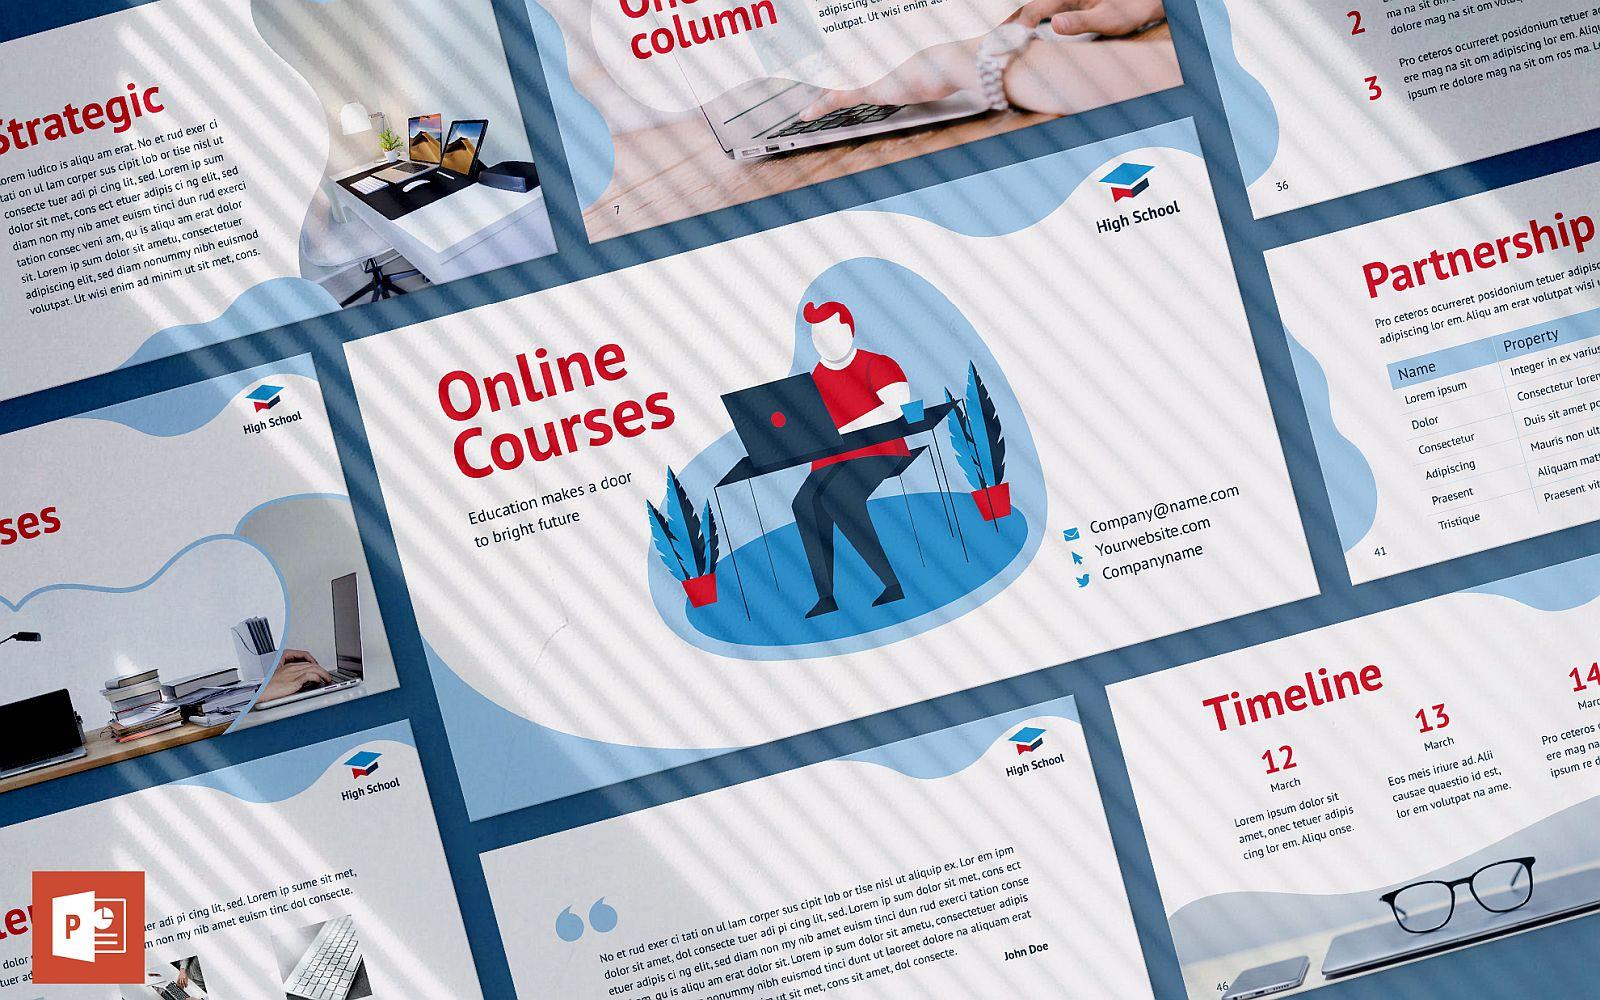 Prémium Online Courses Presentation PowerPoint sablon 126403